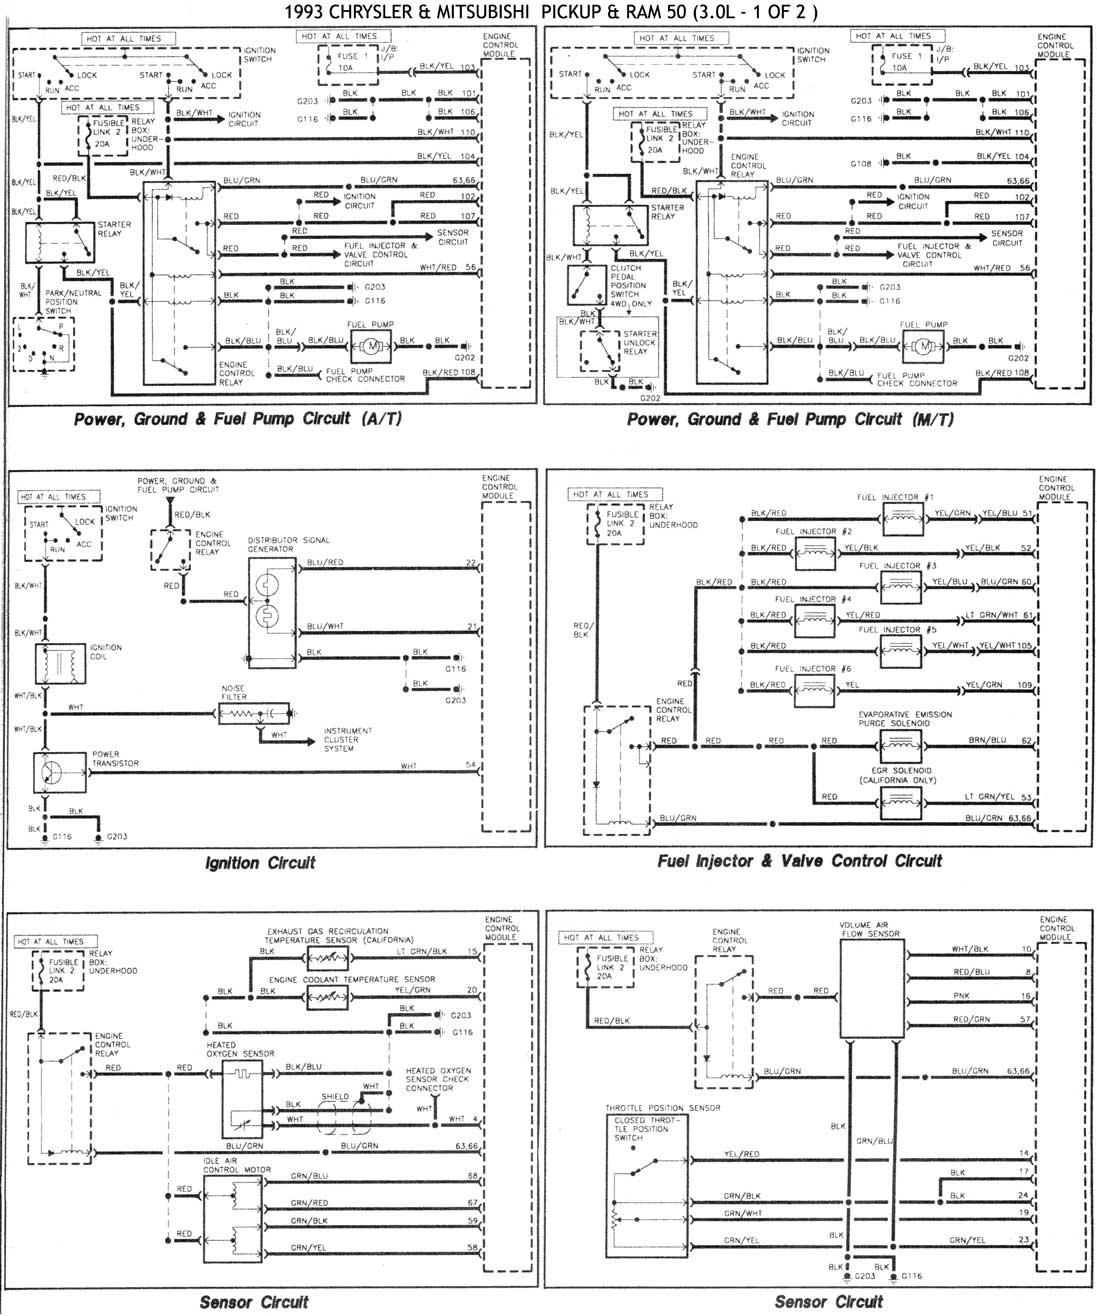 hight resolution of 2001 mitsubishi montero sport fuse box diagram car 2000 mitsubishi montero fuse box diagram 2000 mitsubishi